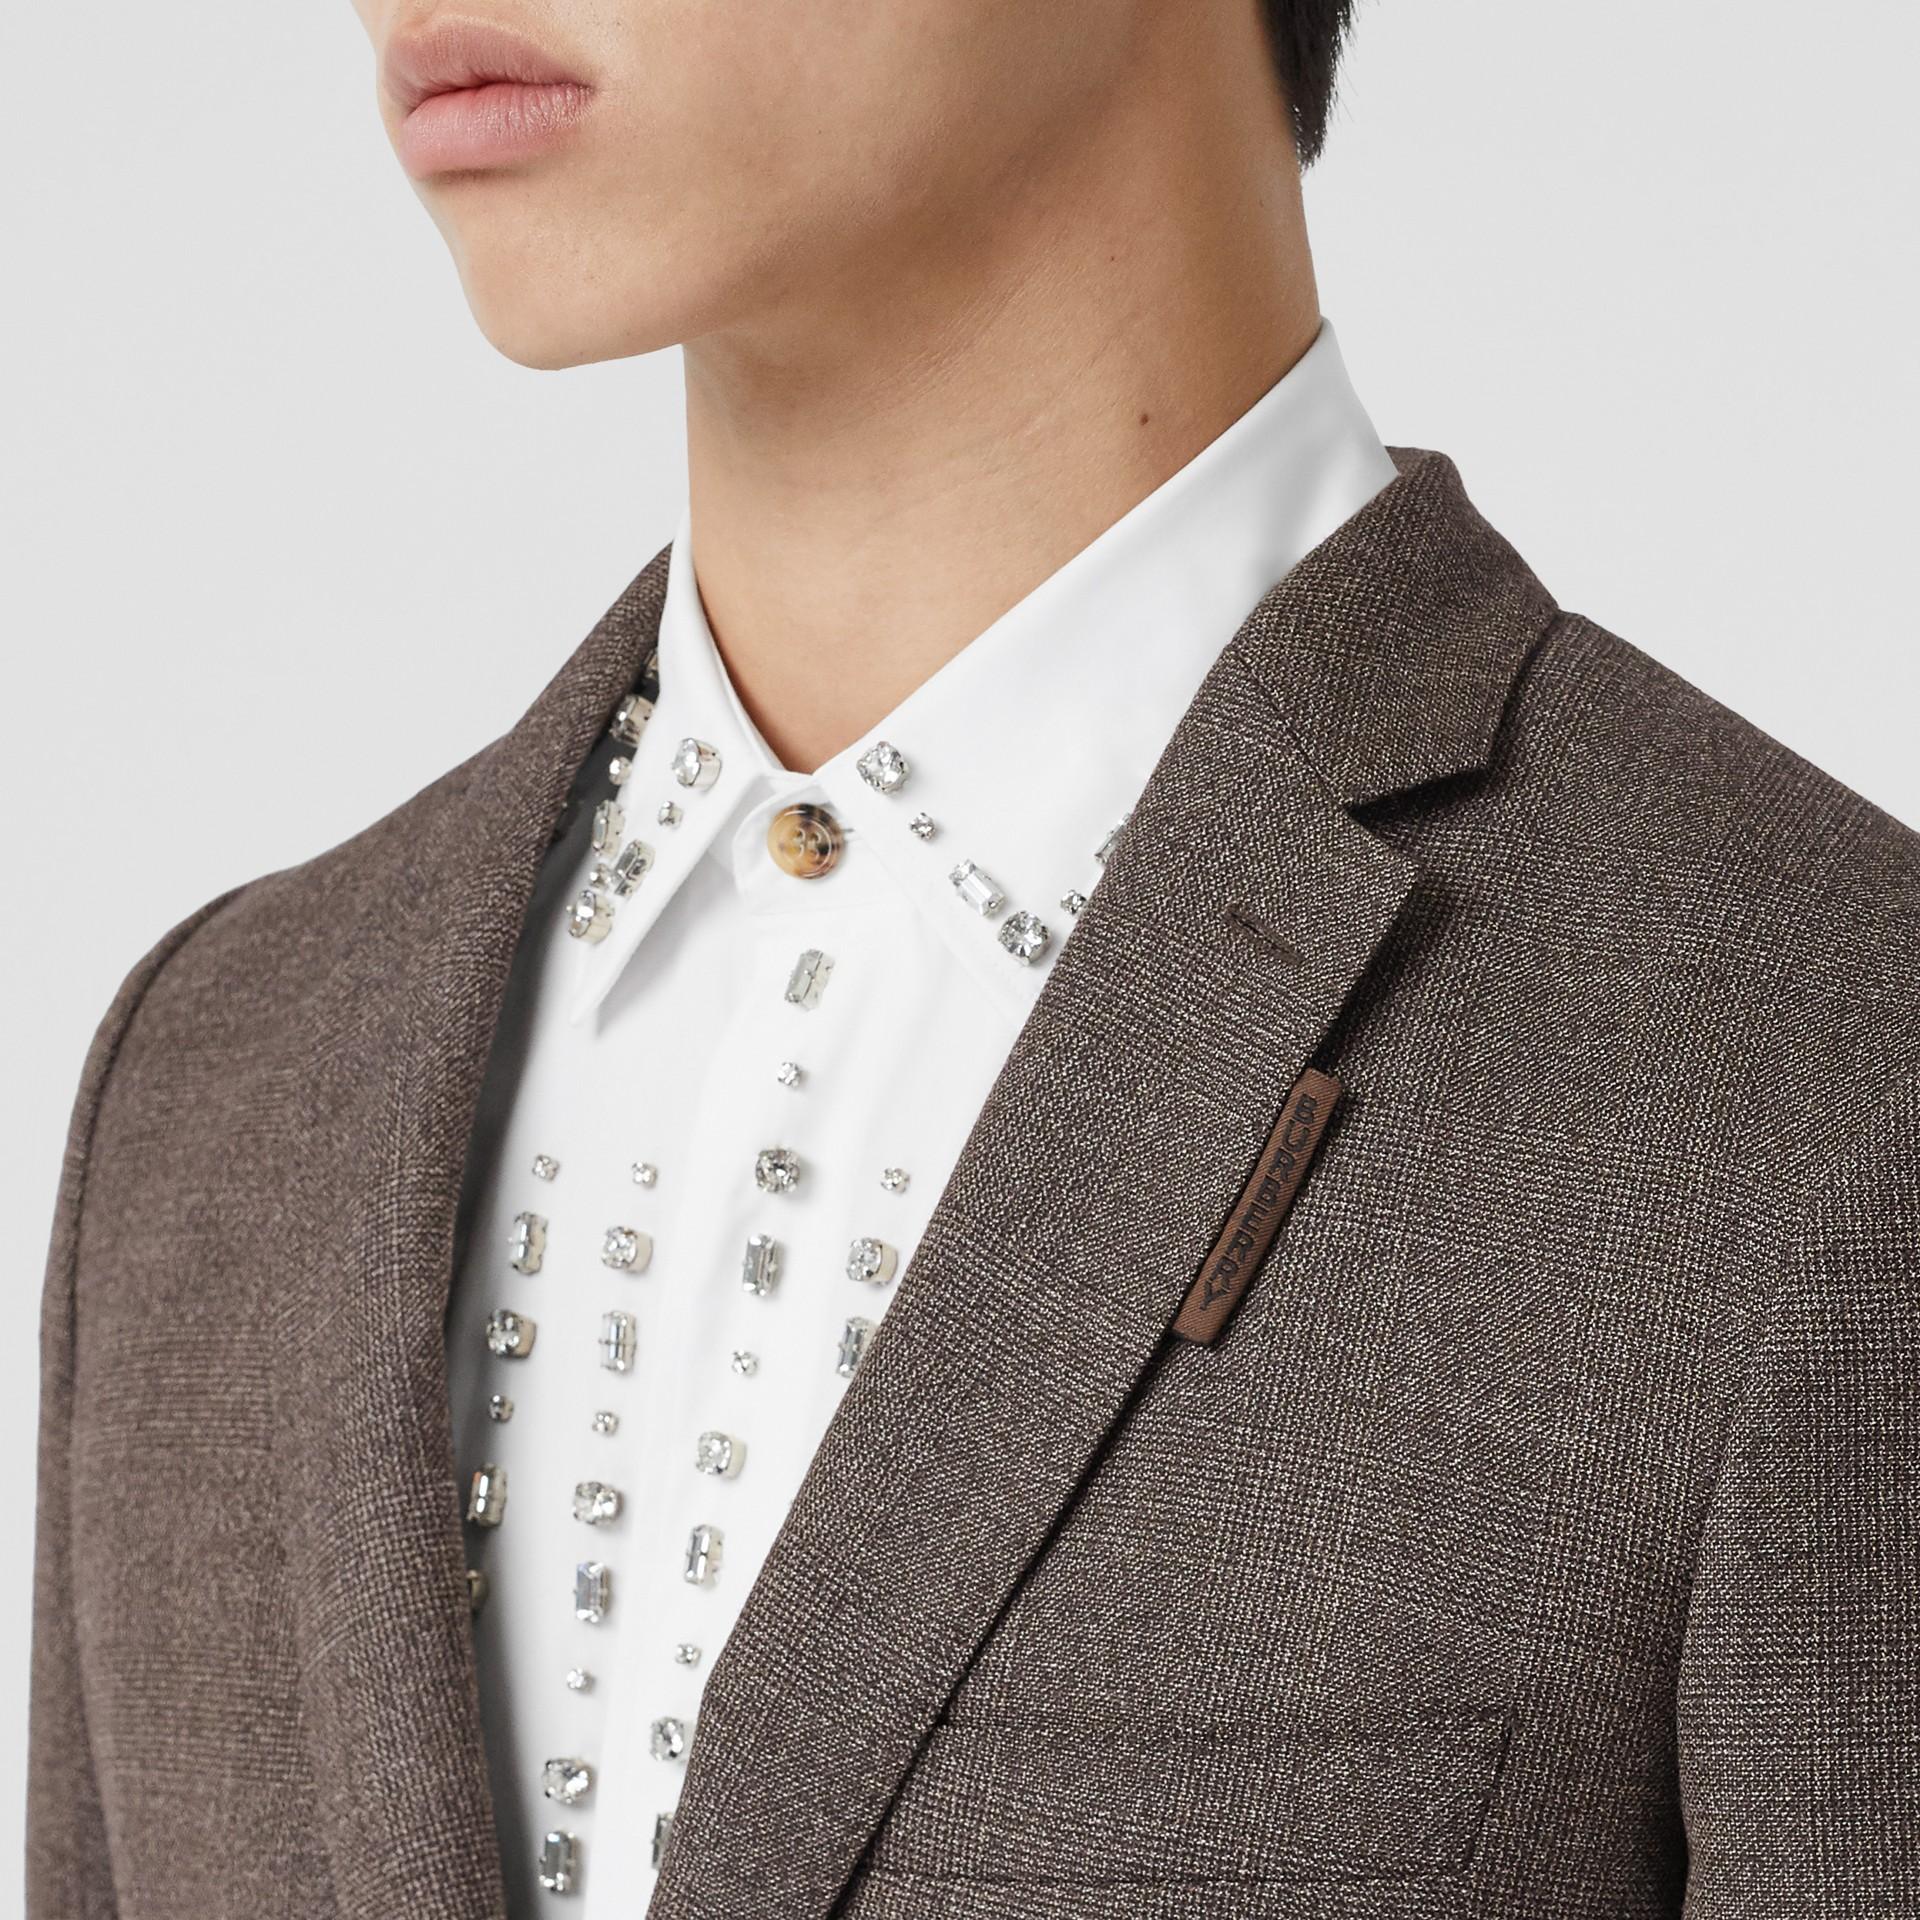 Slim Fit Wool Suit in Dark Brown - Men | Burberry - gallery image 8